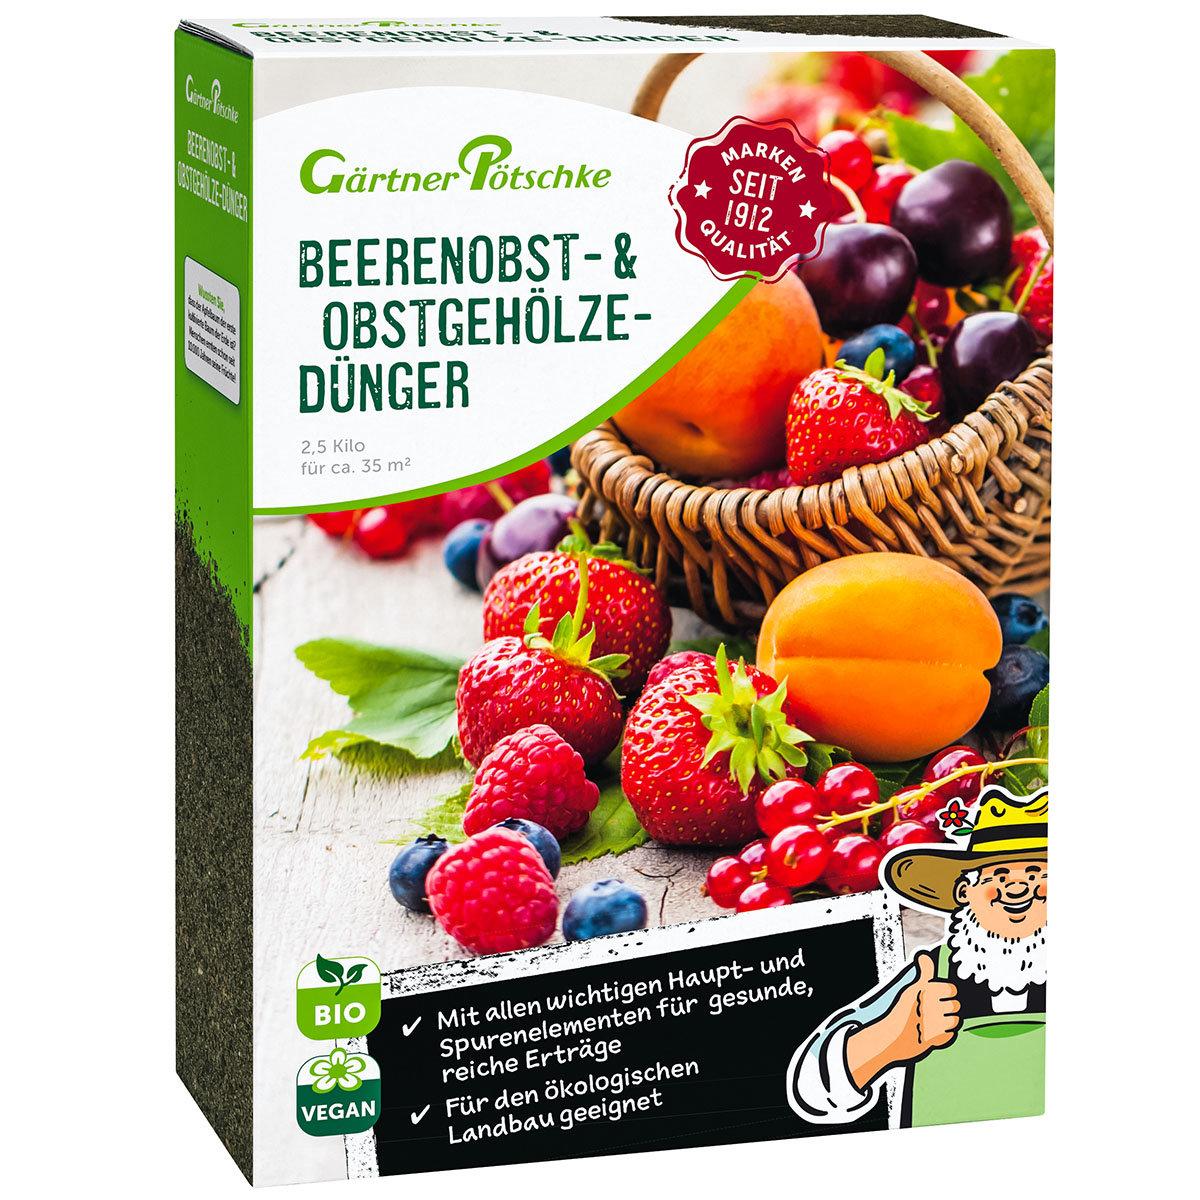 Beerenobst- und Obstgehölze-Dünger, 2,5 kg